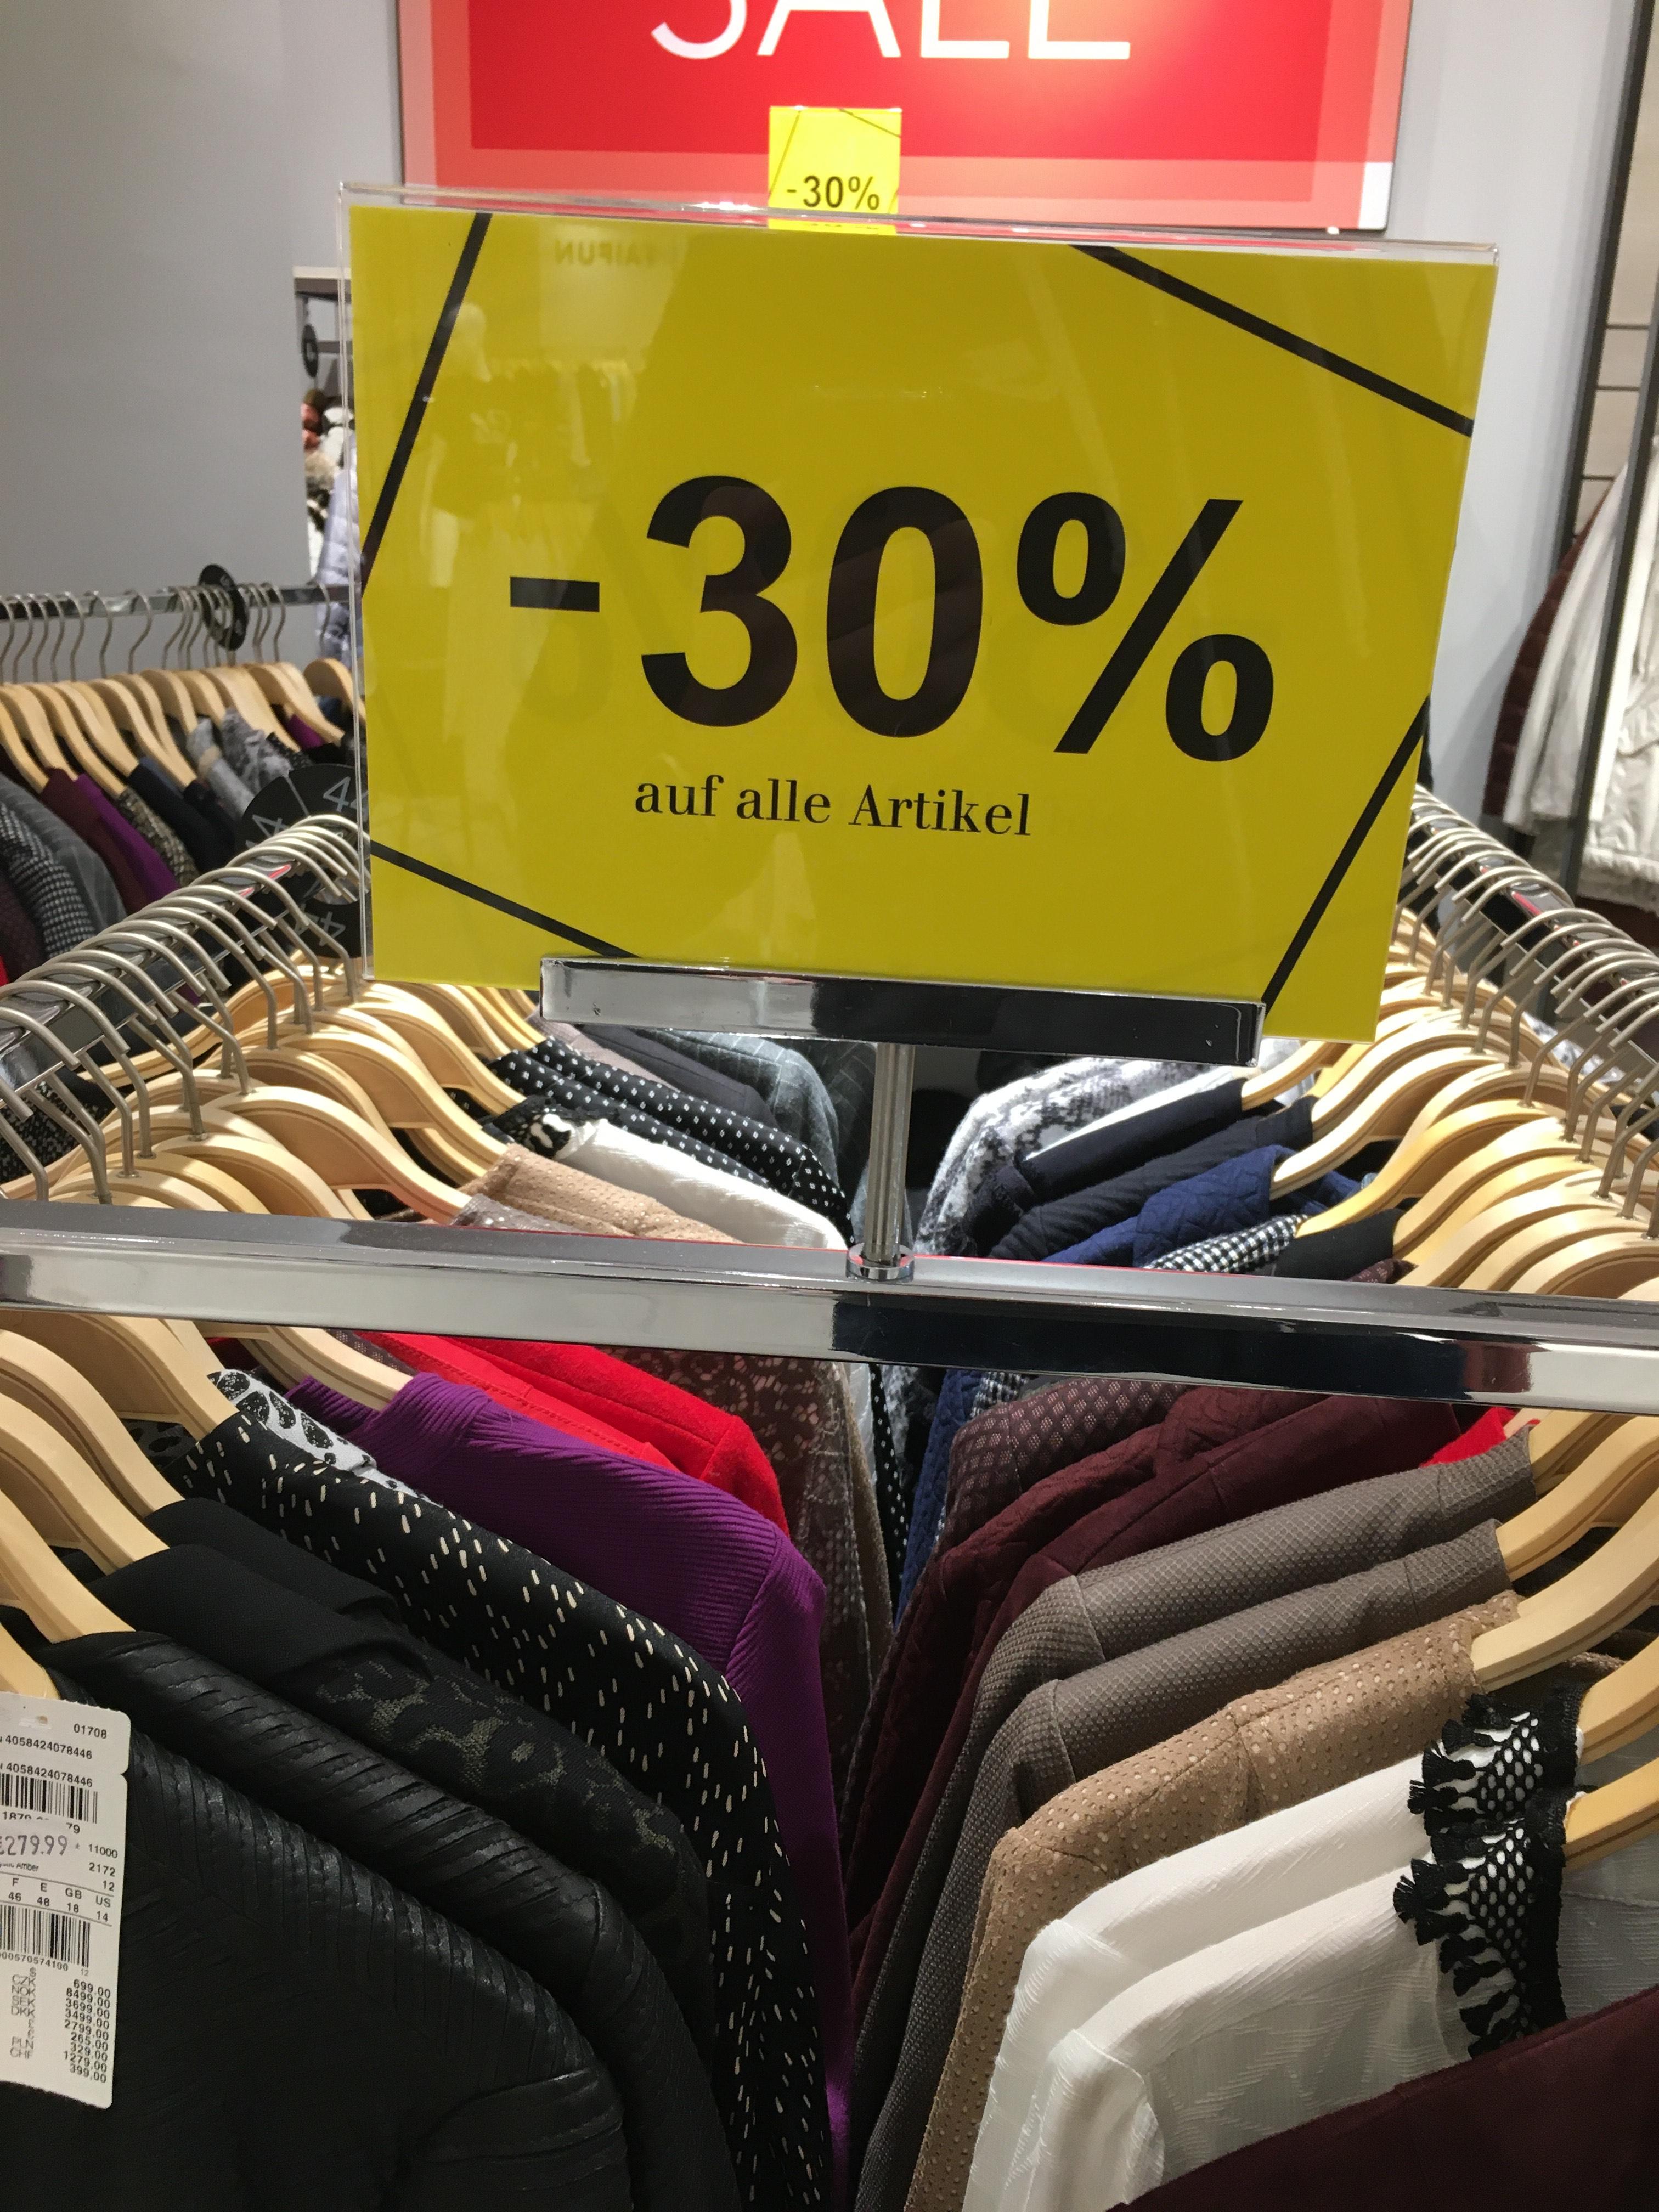 [Lokal-Münster] 30% auf alles bei Gerry Weber in den Münster Arkaden - Räumungsverkauf